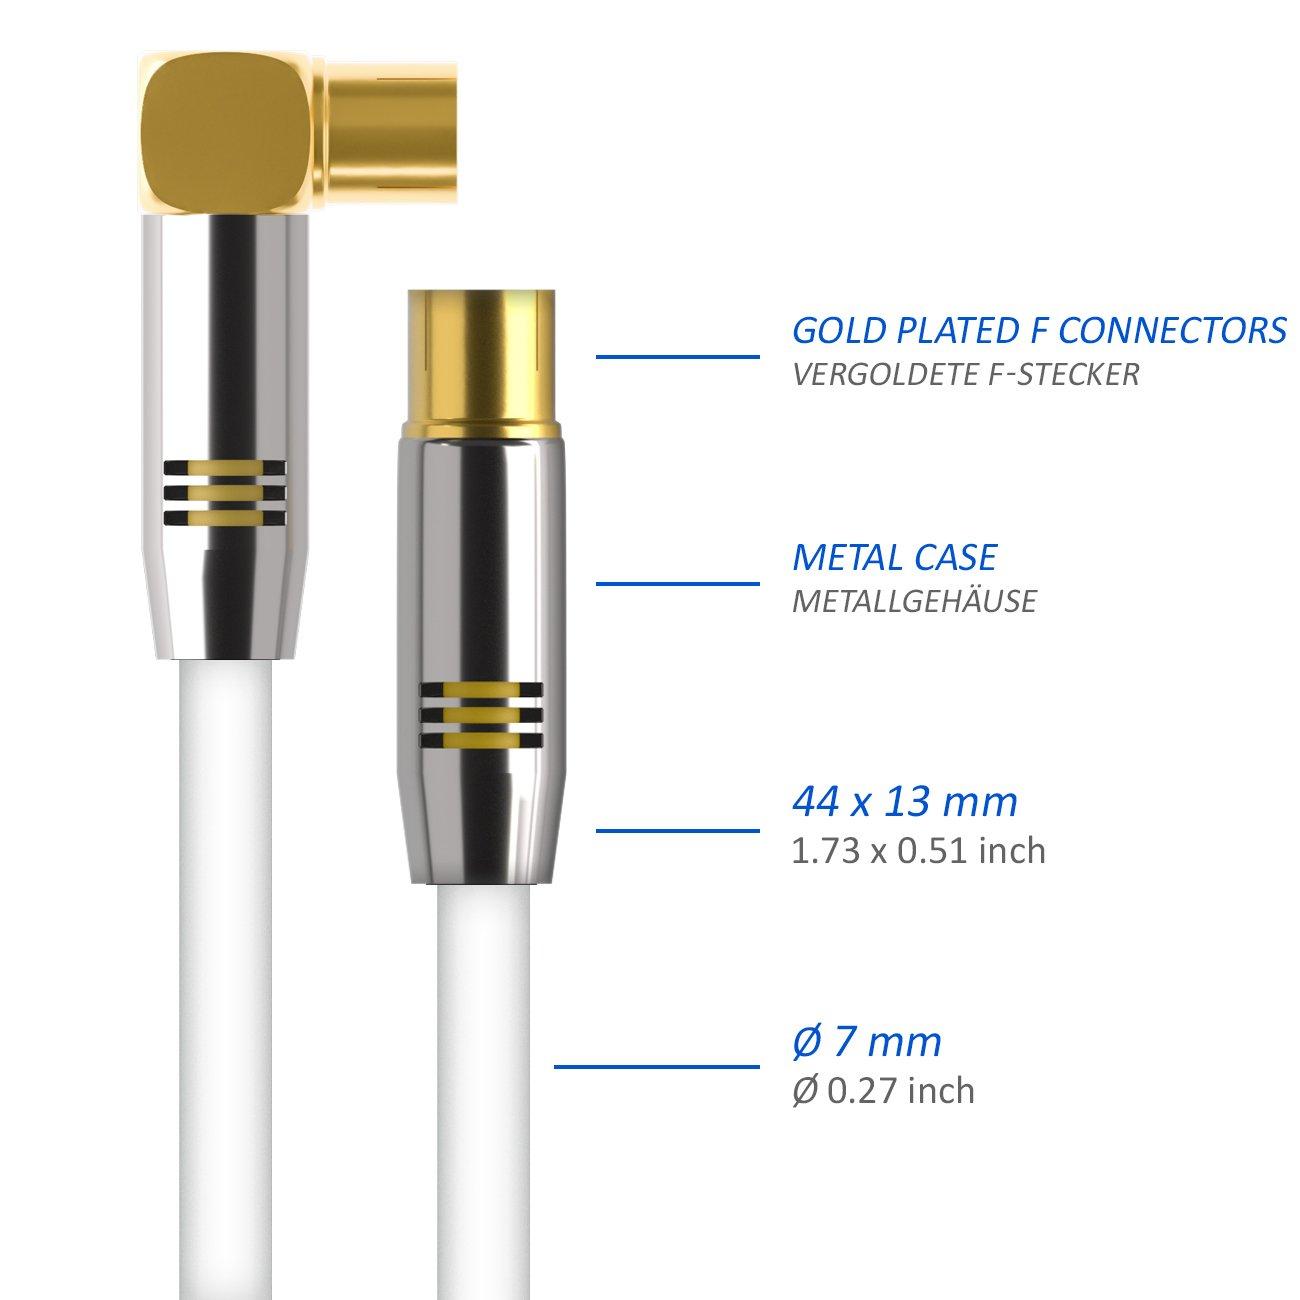 deleyCON TV Cable de antena 7,5m Cable coaxial / Conector dorado macho de TV / hembra de TV 90° Conector de metal 100dB UltraHD FullHD: Amazon.es: ...